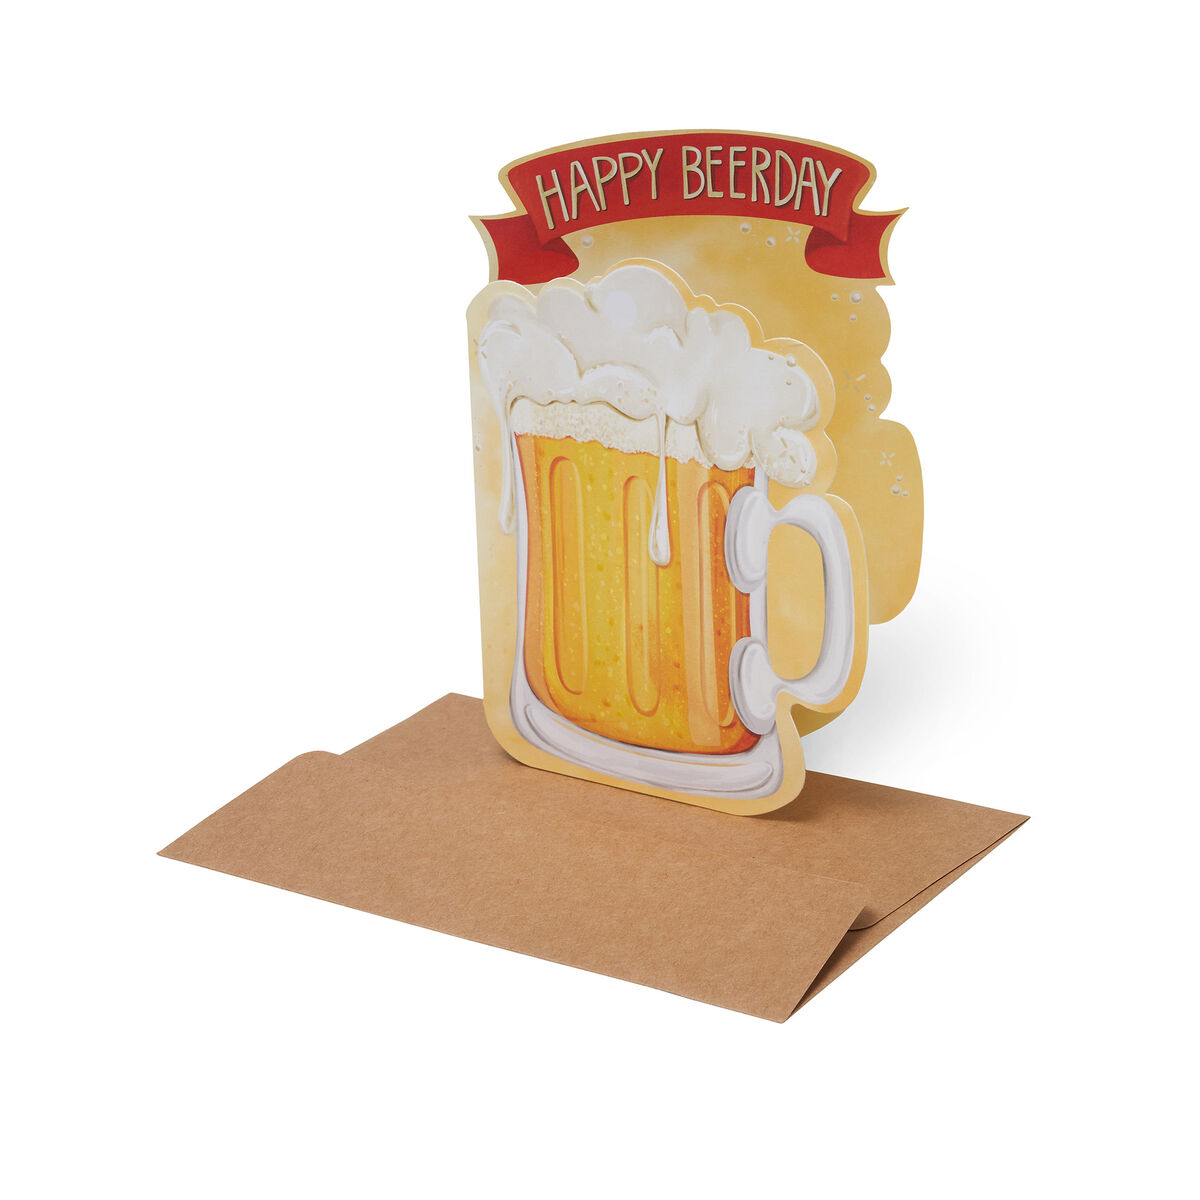 Biglietto di Auguri di Compleanno - Happy Beerday, , zoo